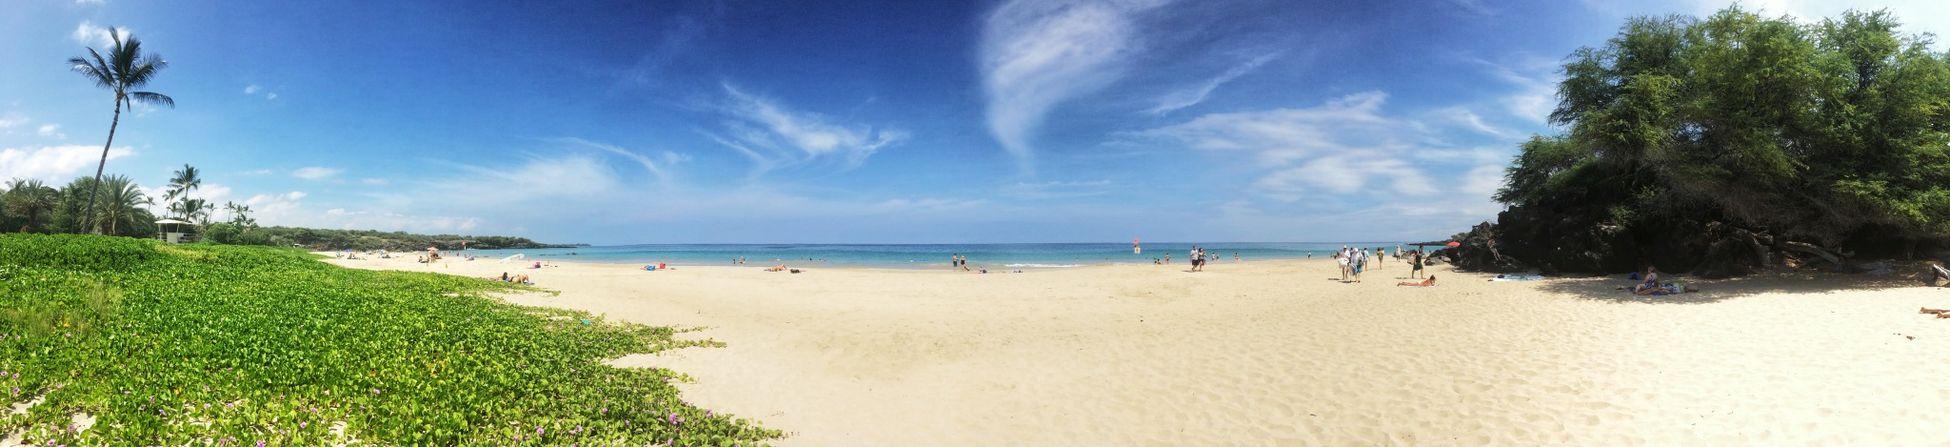 That's life!!! Hawaii Ocean Beach USA